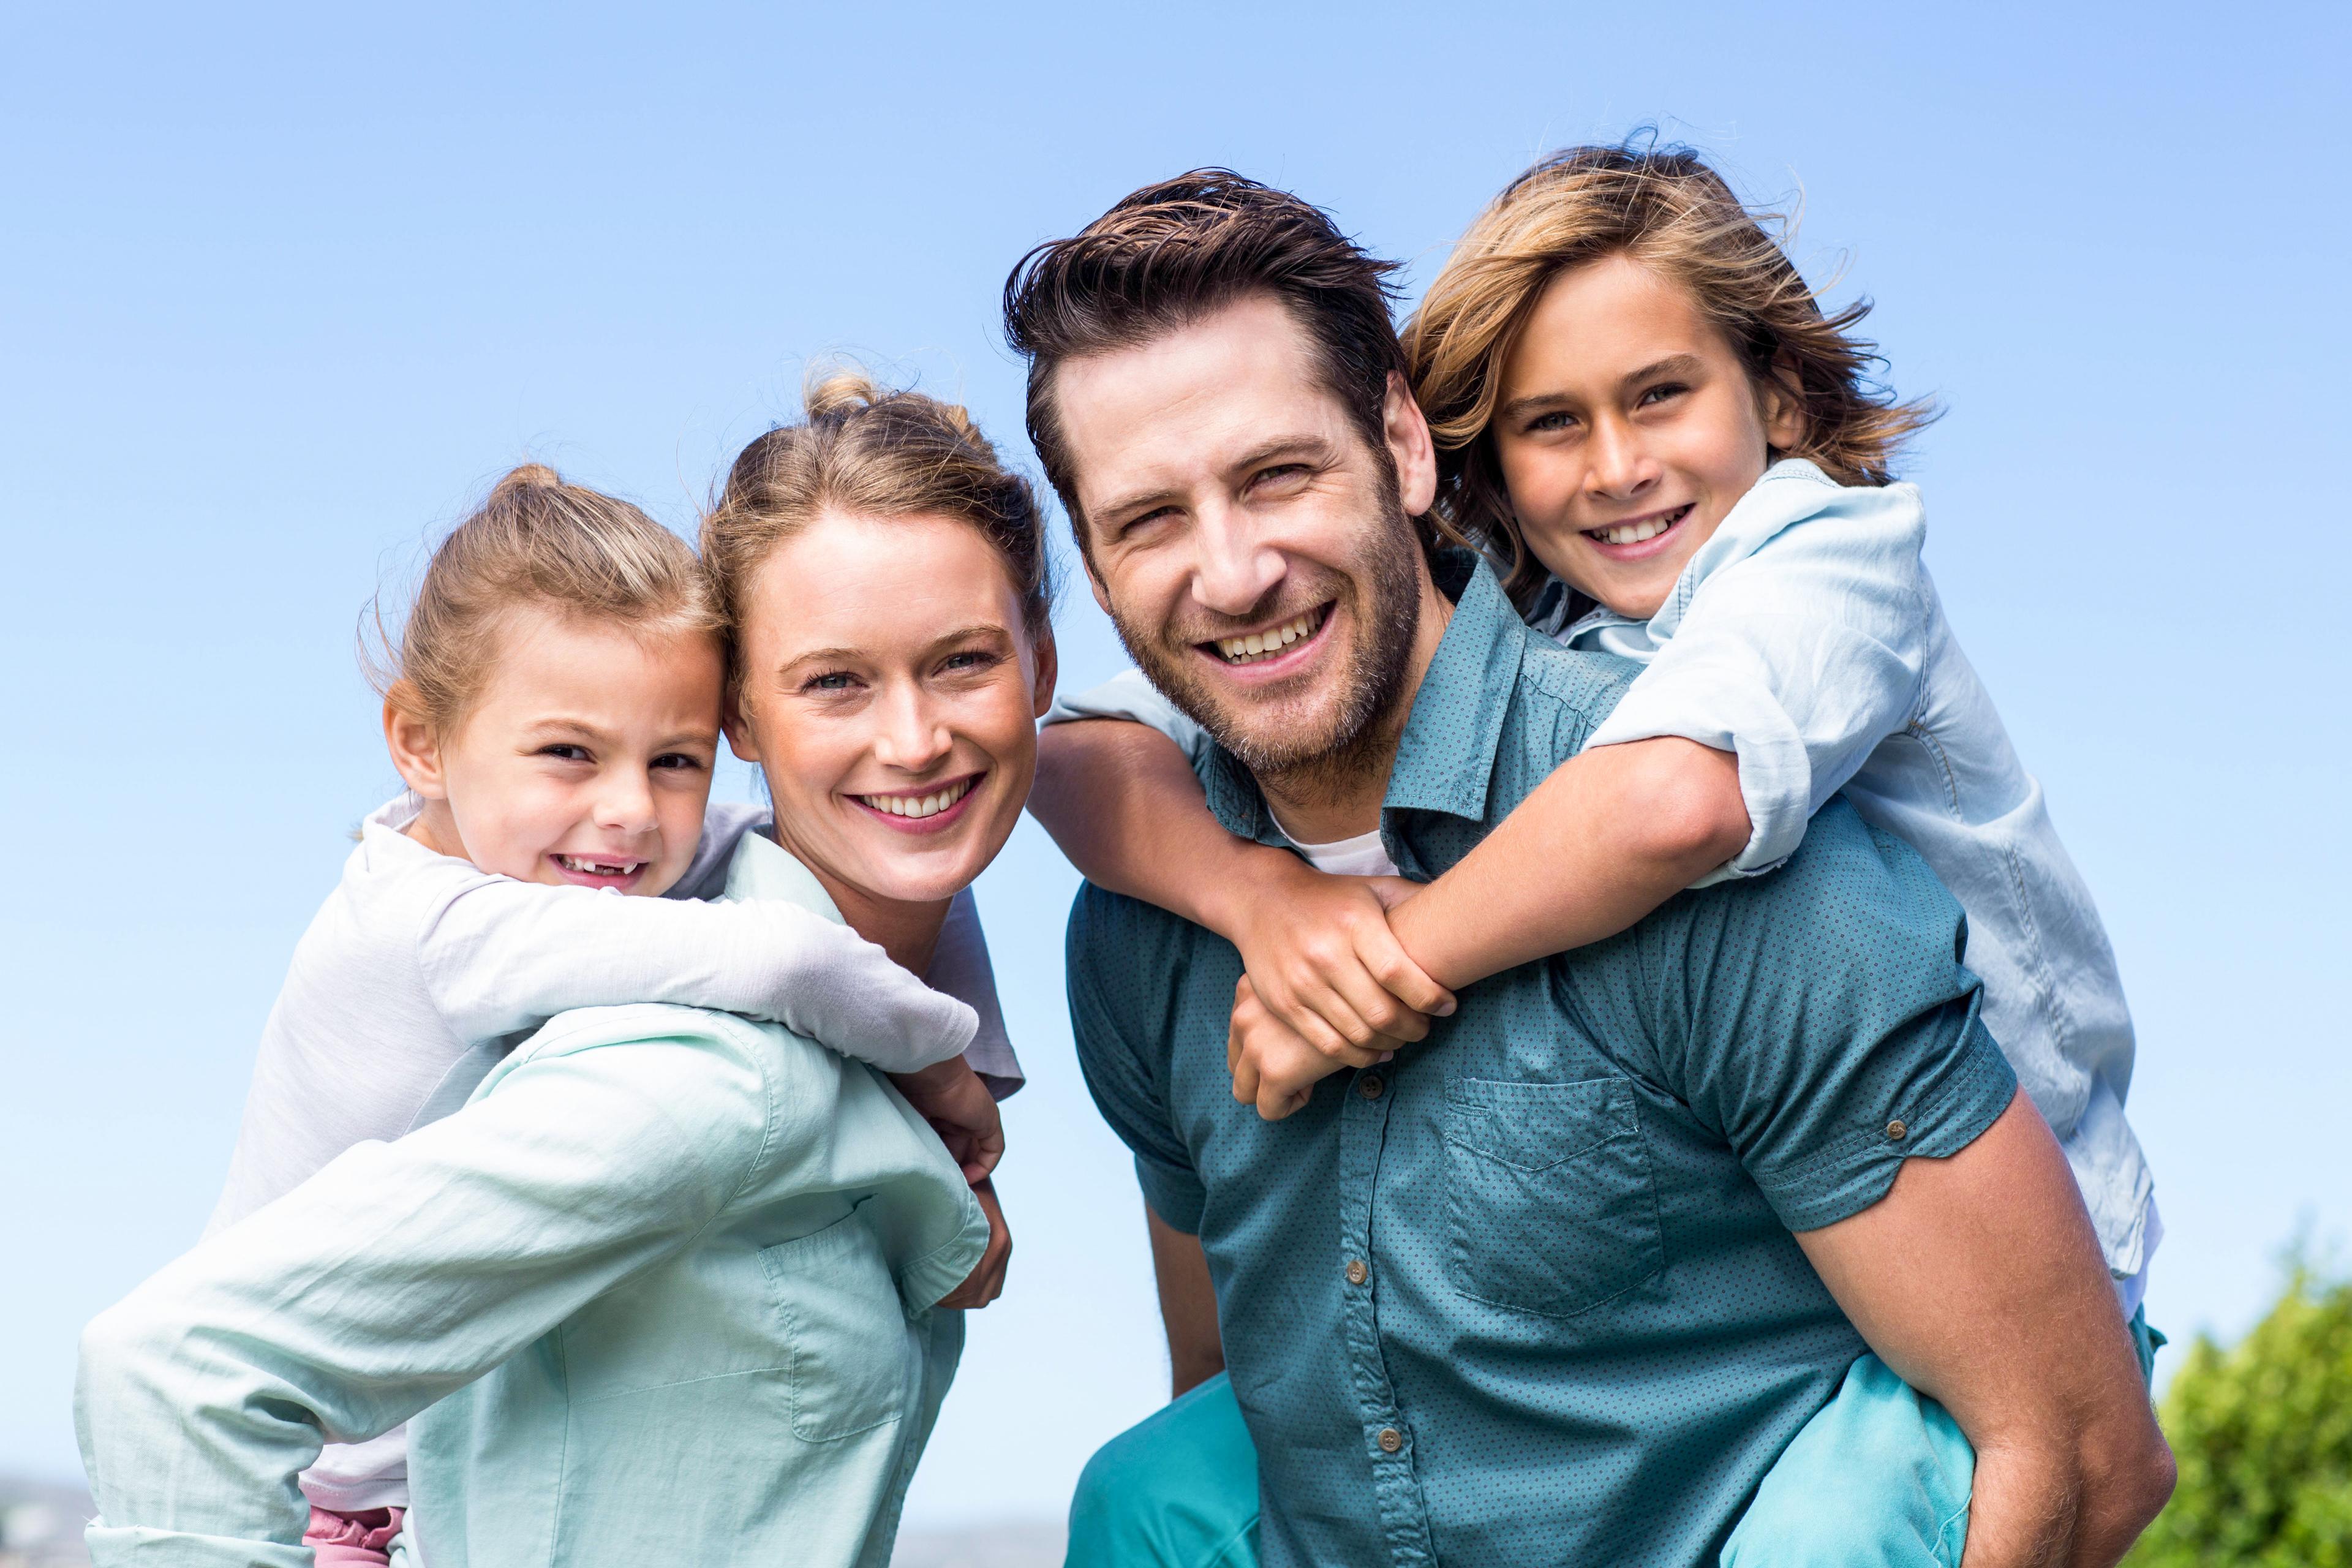 Крюкова евгения фото семья любила делать